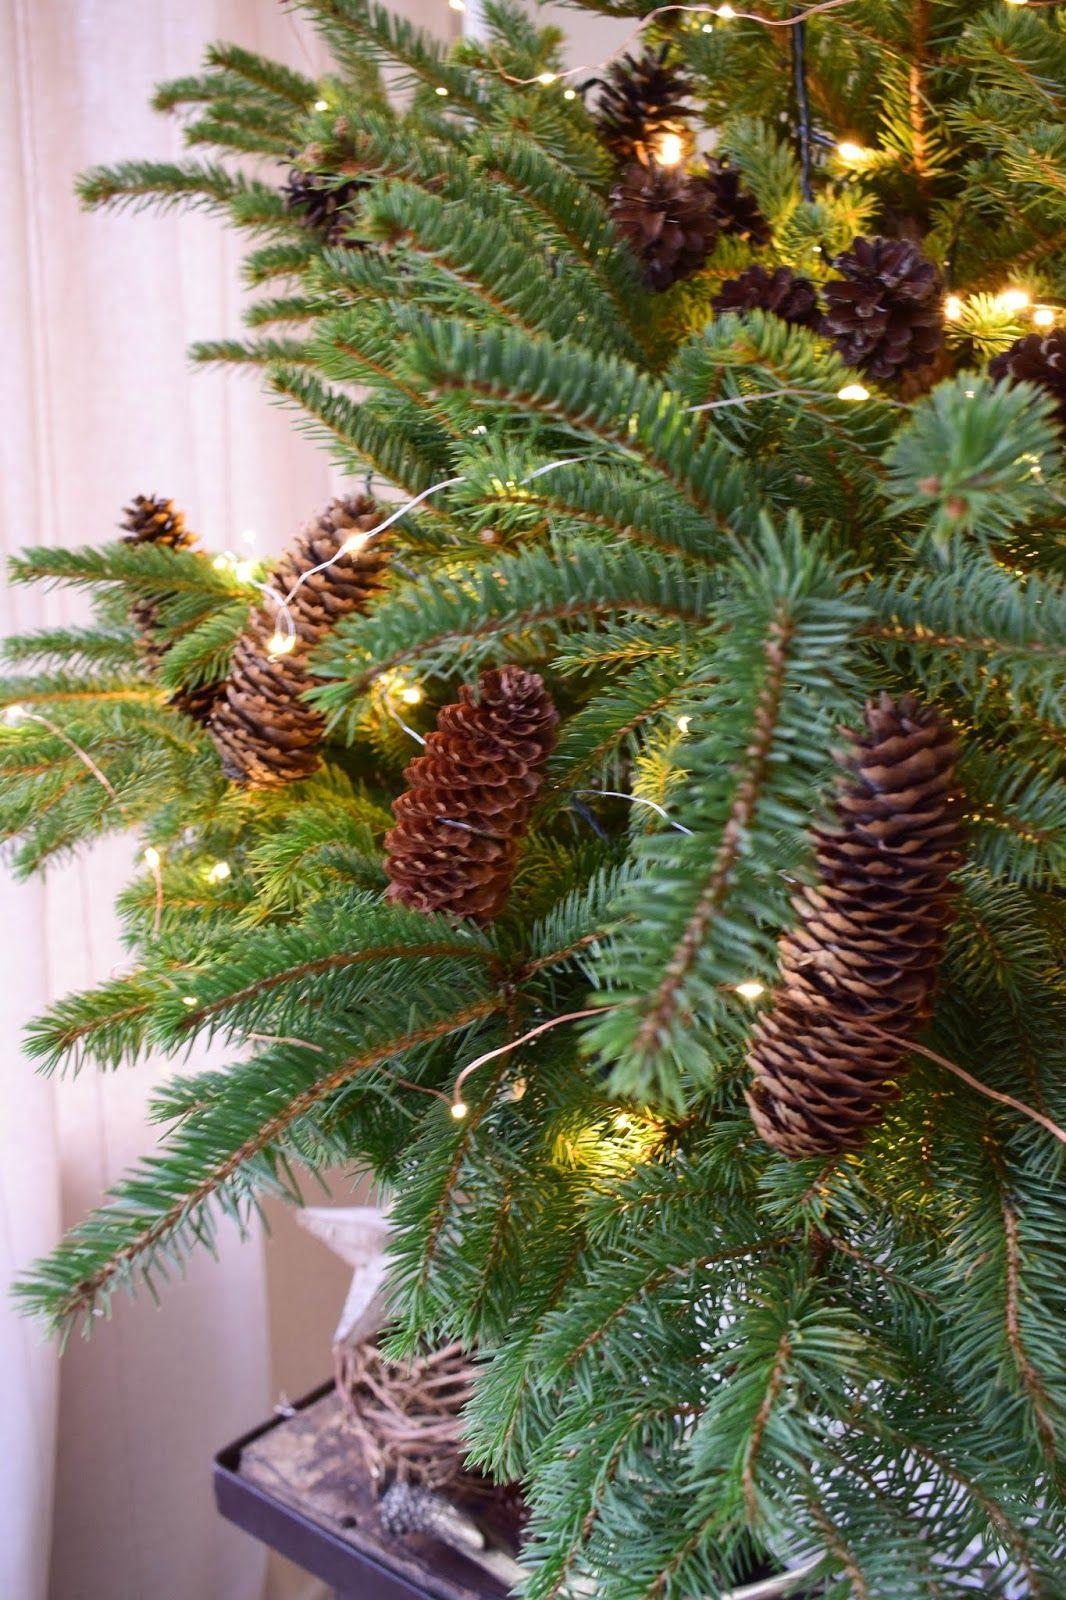 Weihnachtsbaum Natürlich.Weihnachtsbaum Dekorieren Weihnachtsbaumschmuck Basteln Ganz